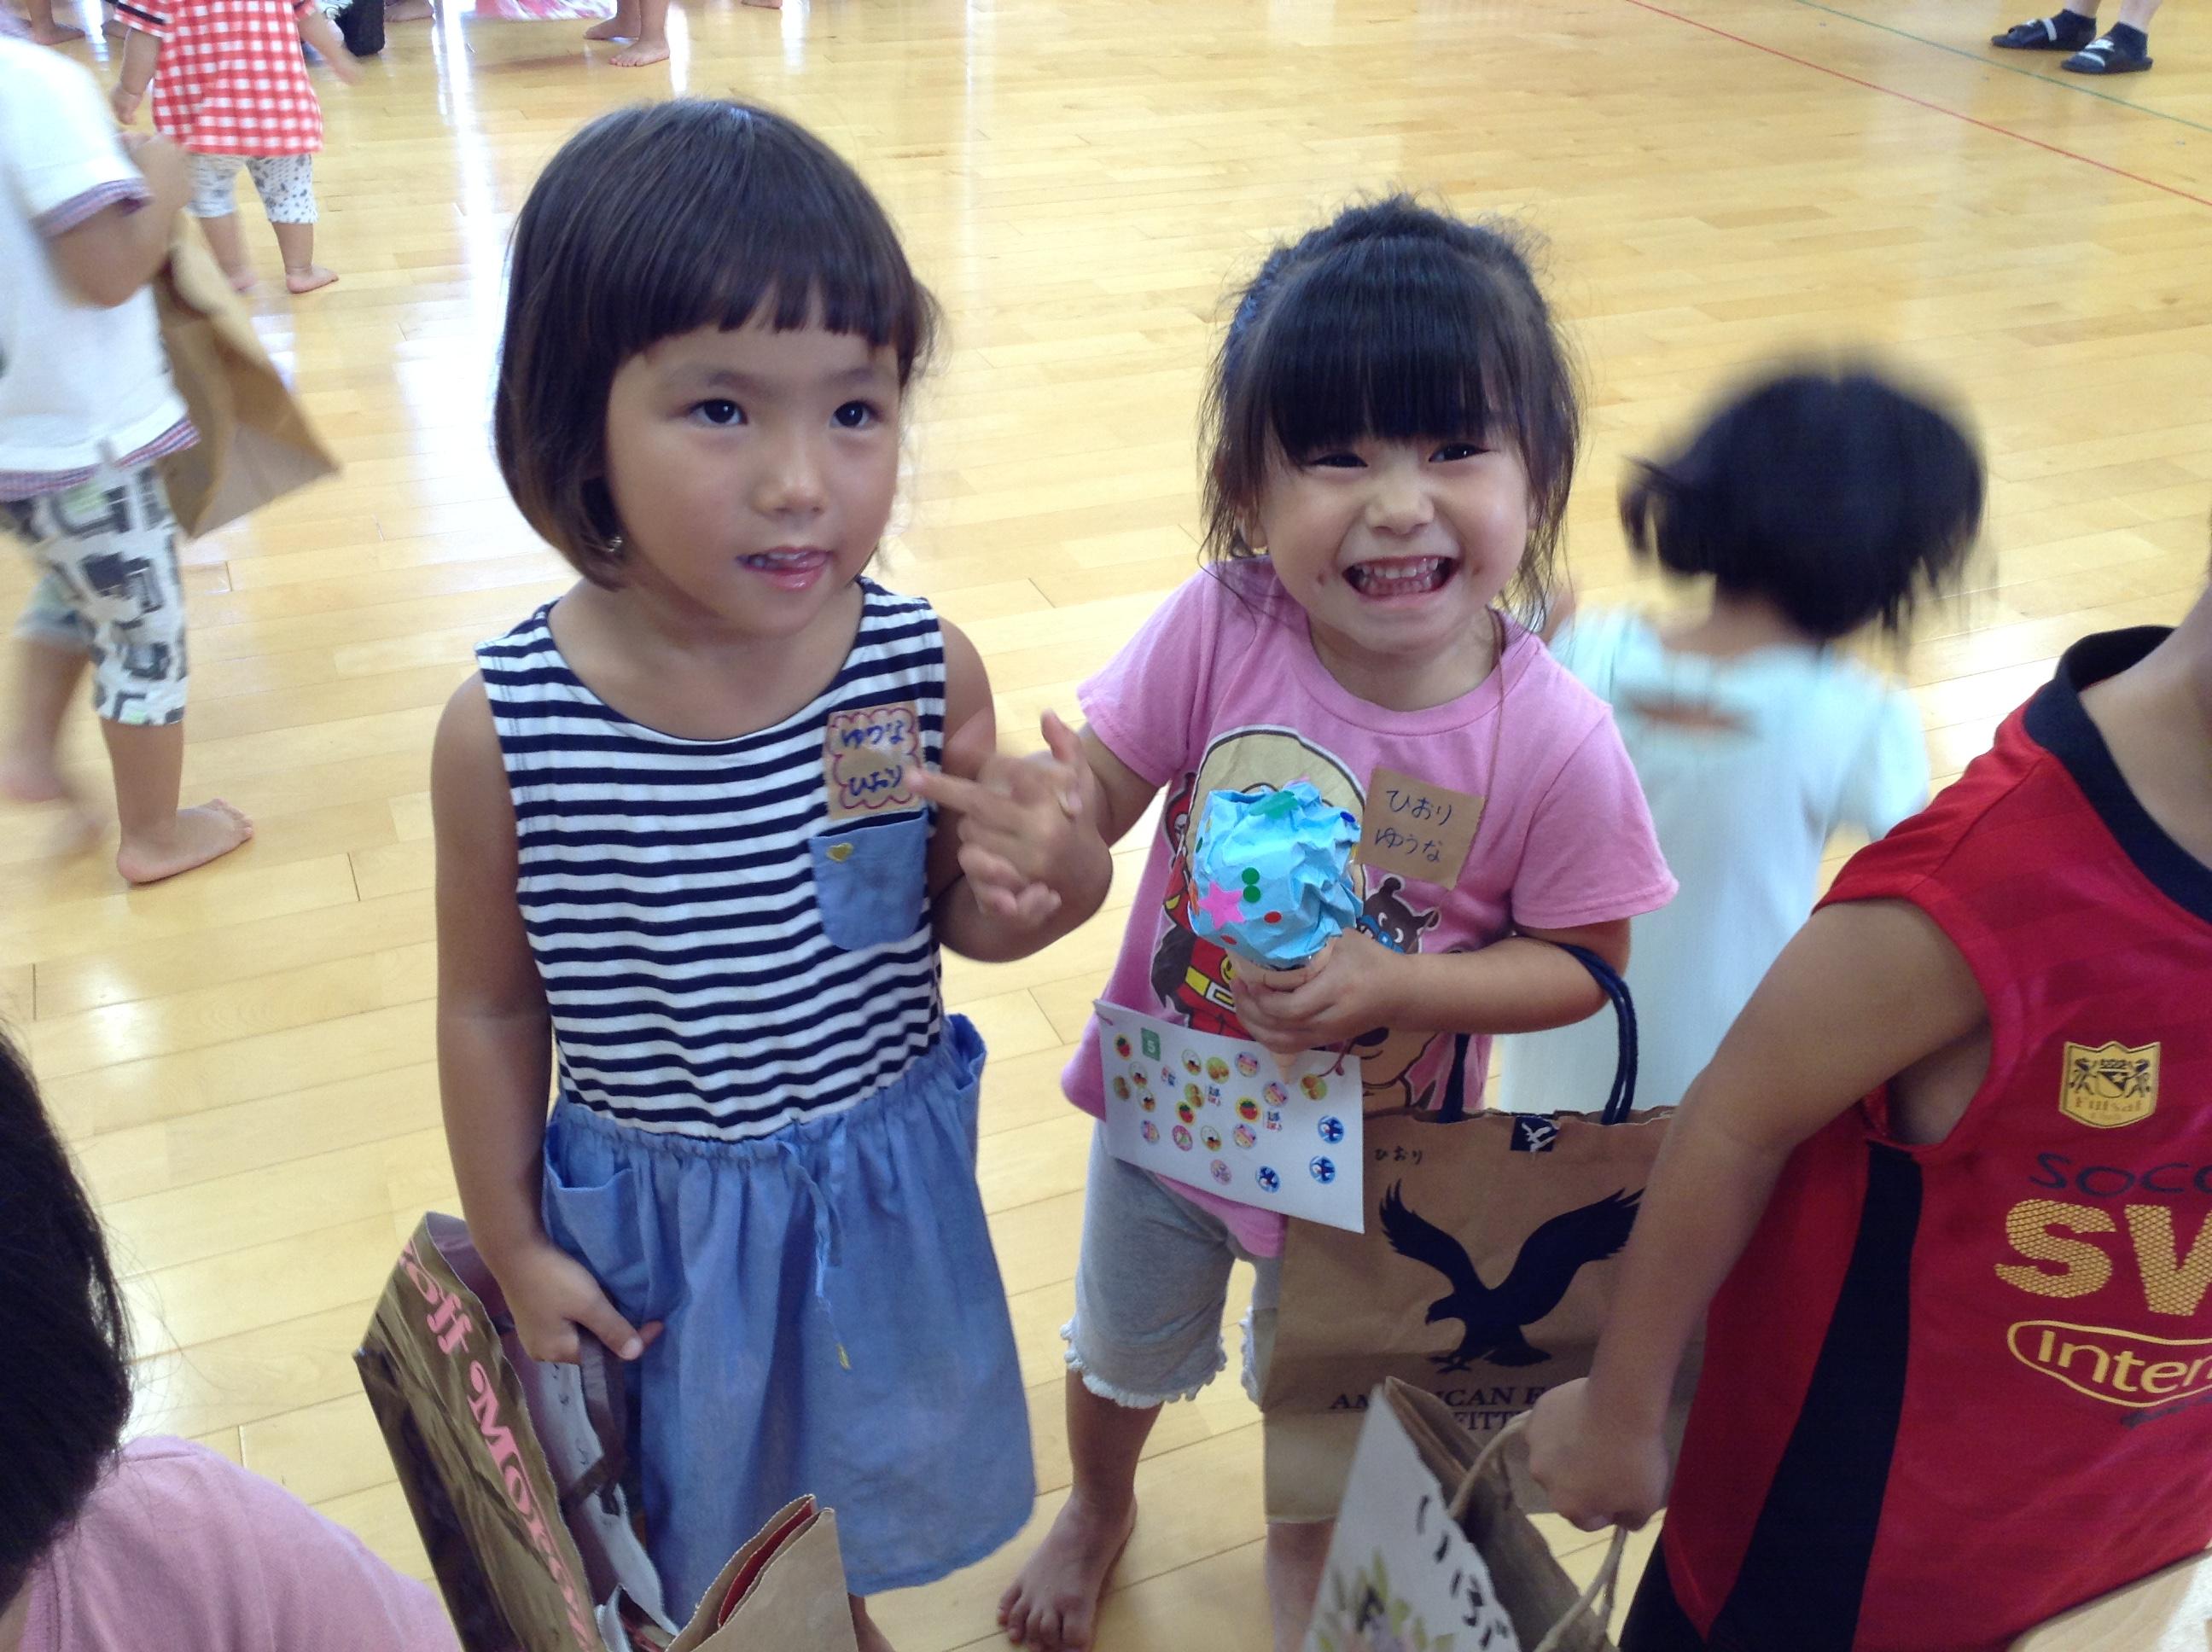 お姉ちゃんとお買い物たのしいなぁ~!!アイスクリーム買ってもらったよ!!\(^o^)/